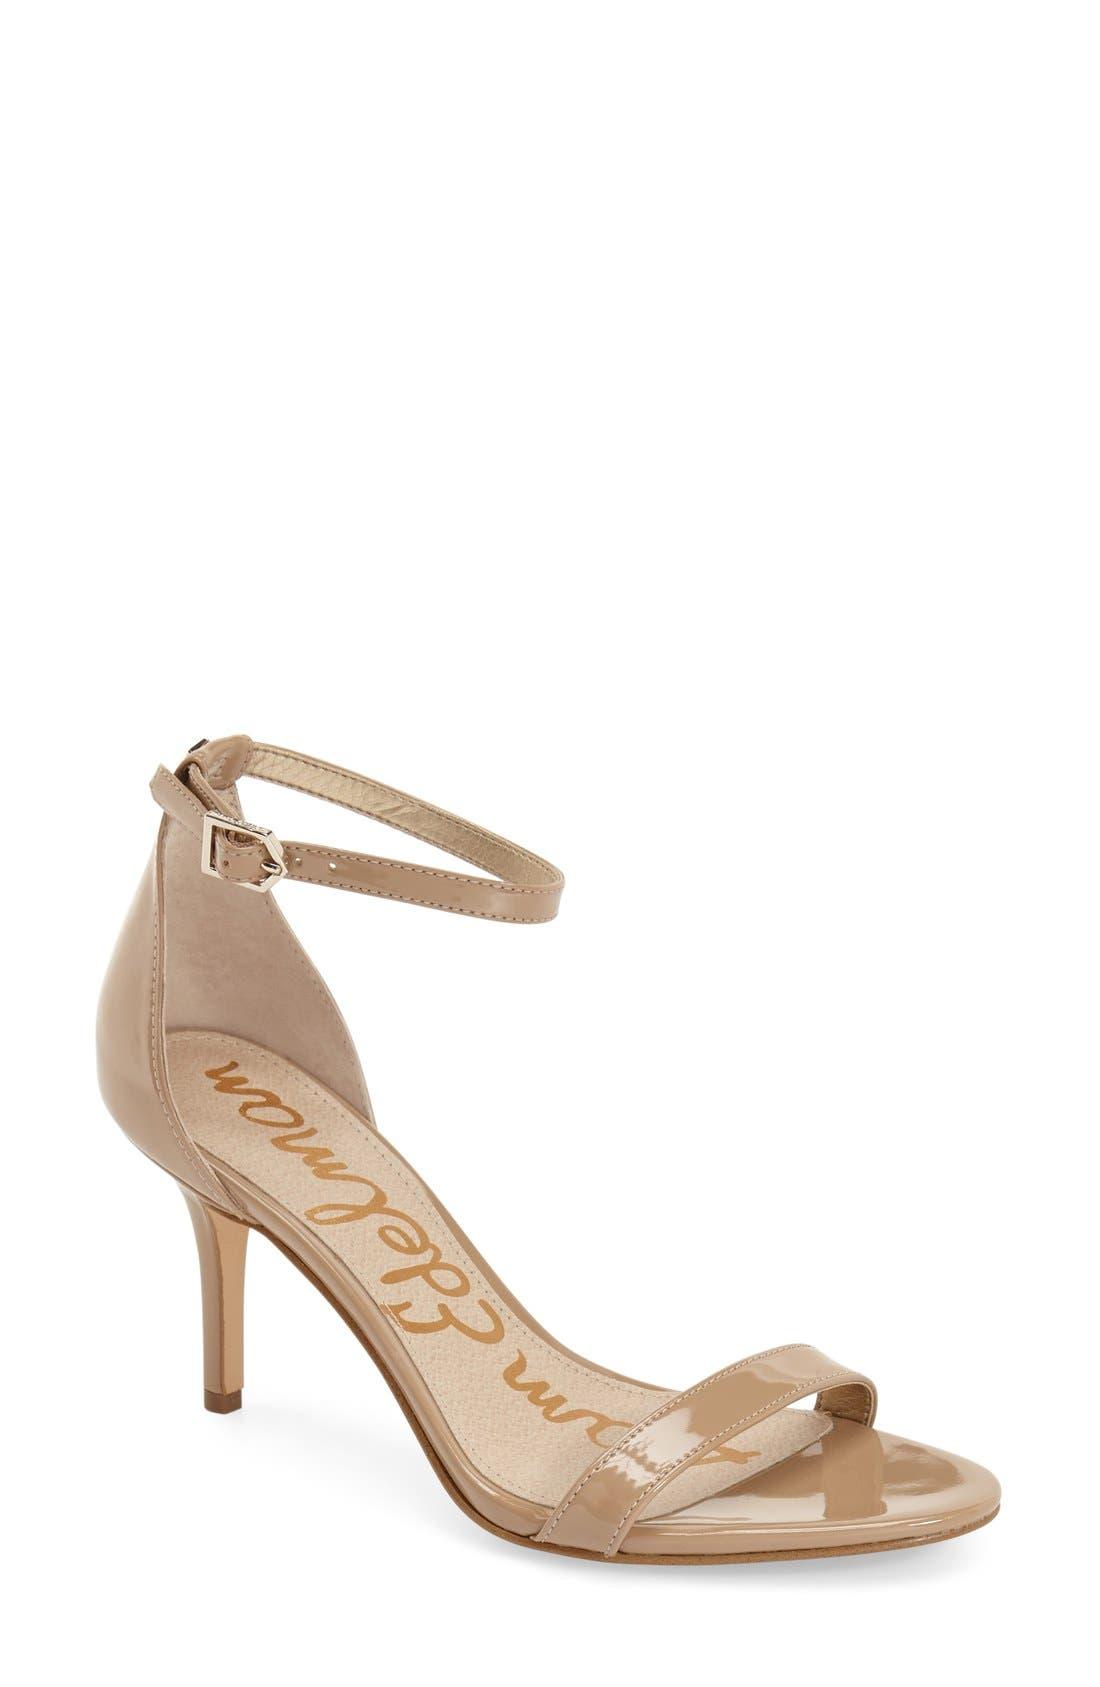 Sam Edelman | Patty Ankle Strap Sandal